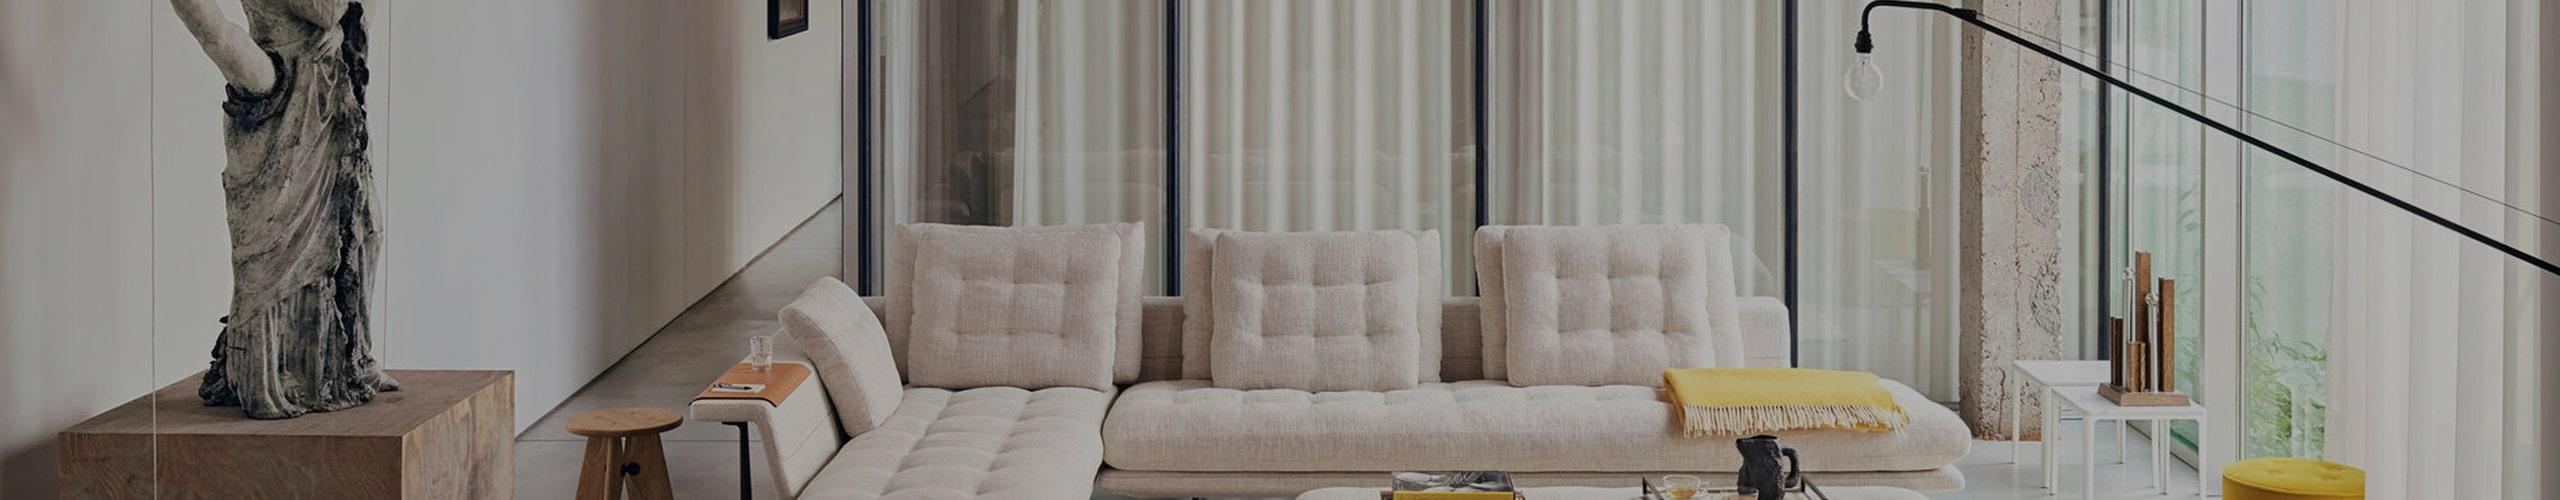 illuminazione-arredo-interior-design-mobili-lusso-progettazione-lecce-brindisi-taranto